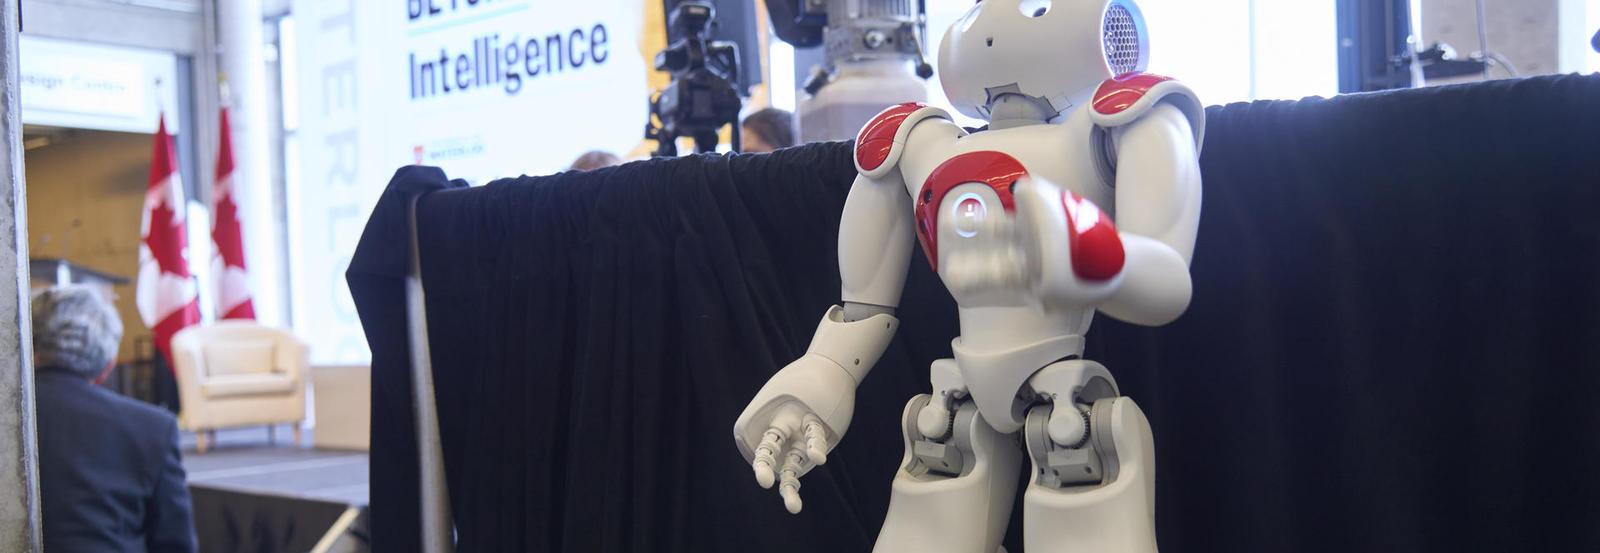 Nao robot at AI launch